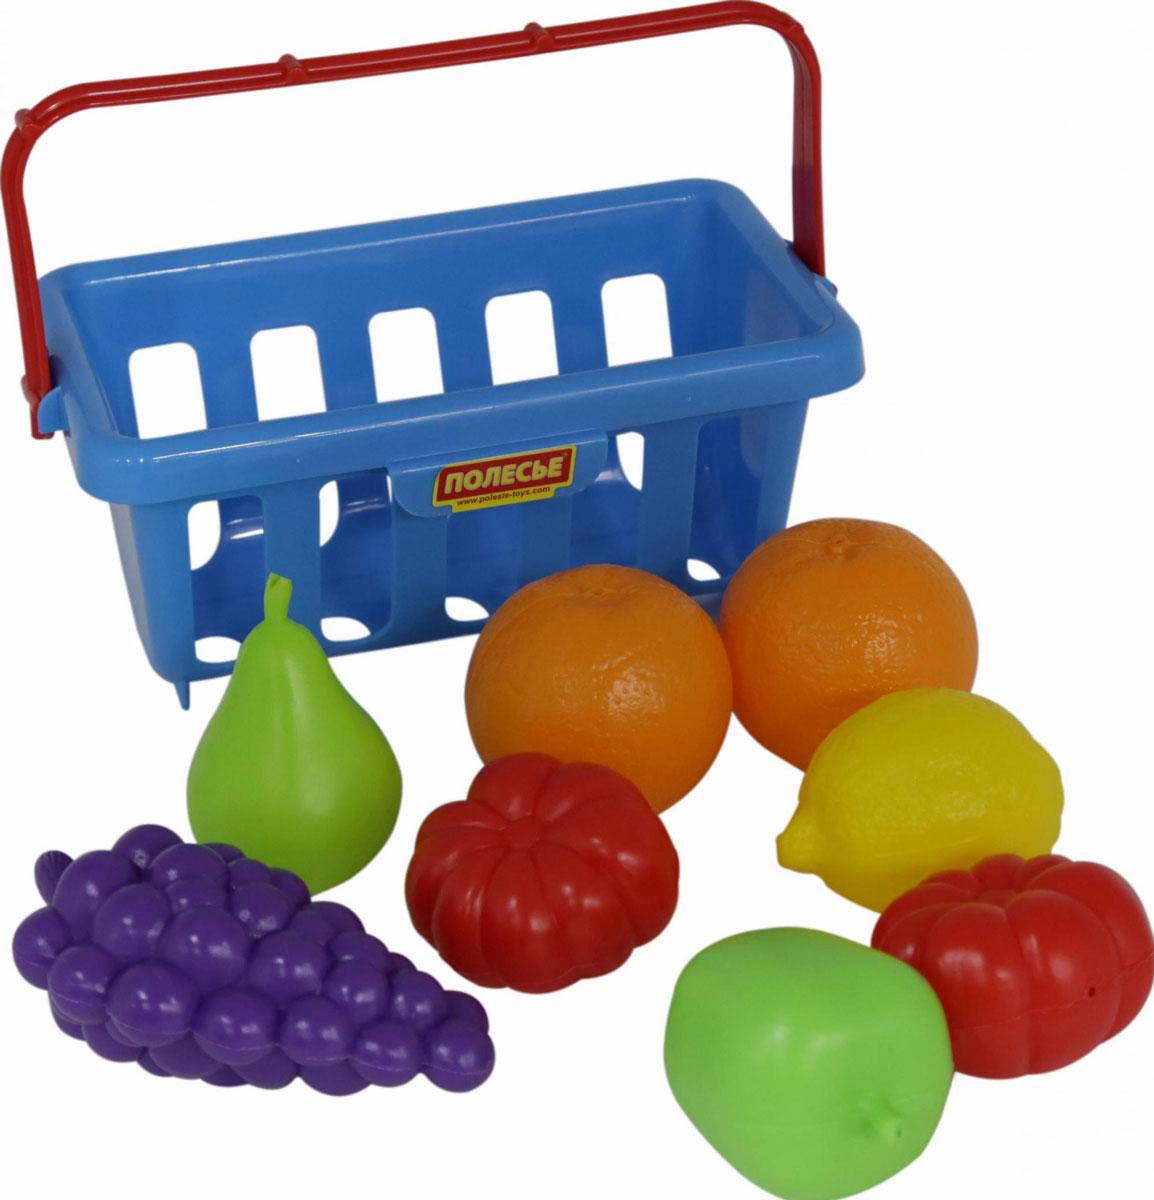 Полесье Игрушечный набор продуктов с корзинкой №2 цвет корзинки голубой полесье набор для песочницы 406